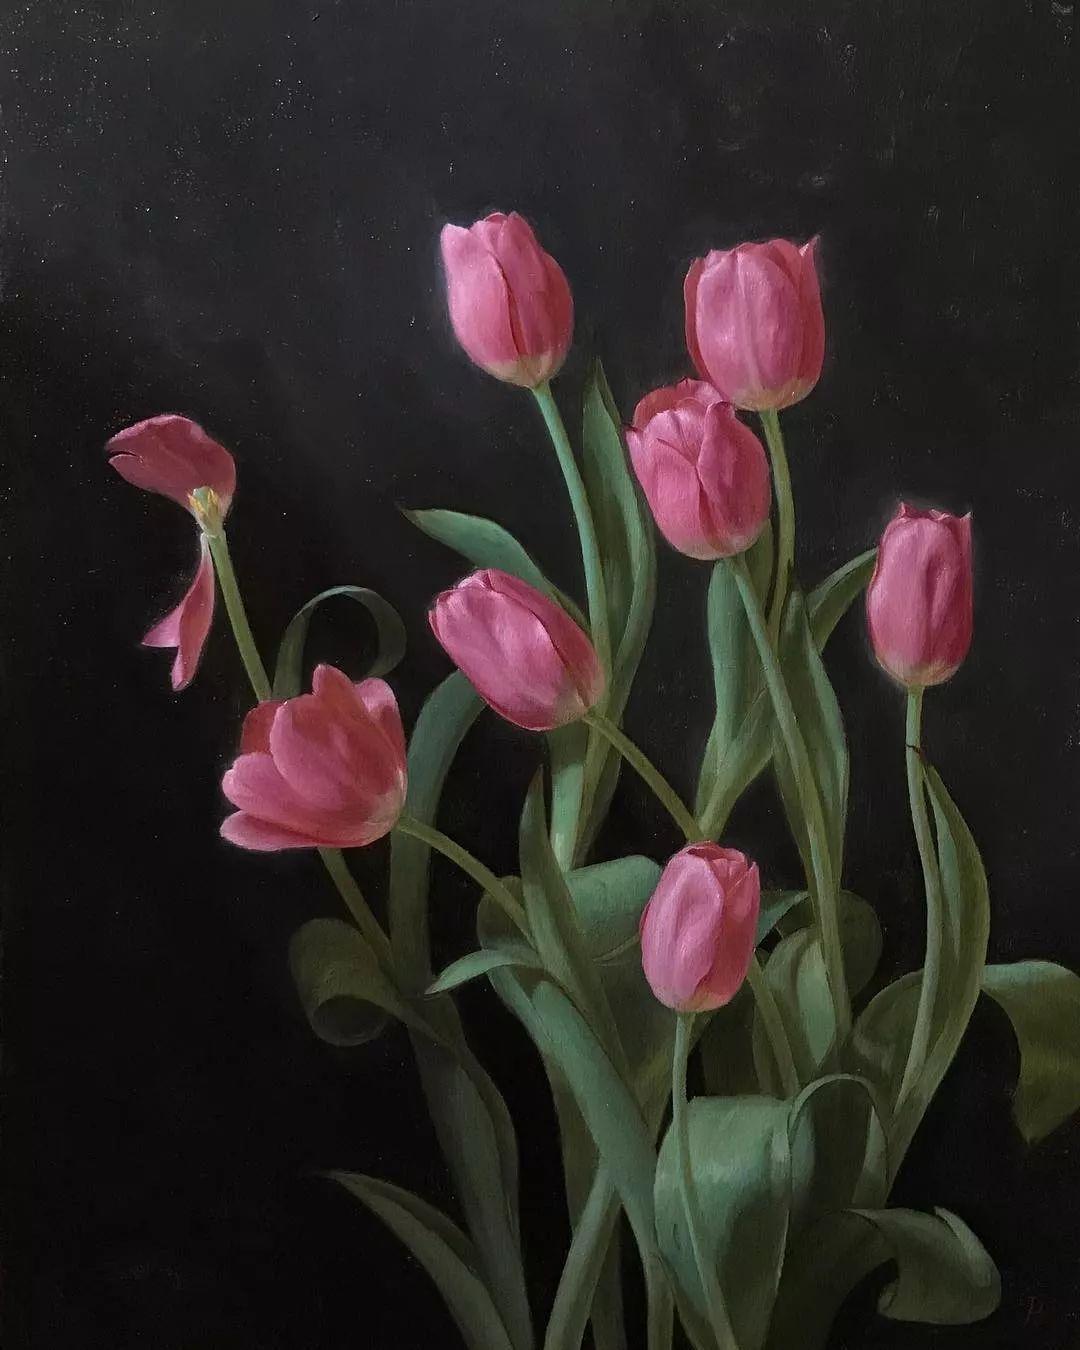 静物花卉 | 美国90后画家Grant Perry作品欣赏插图19